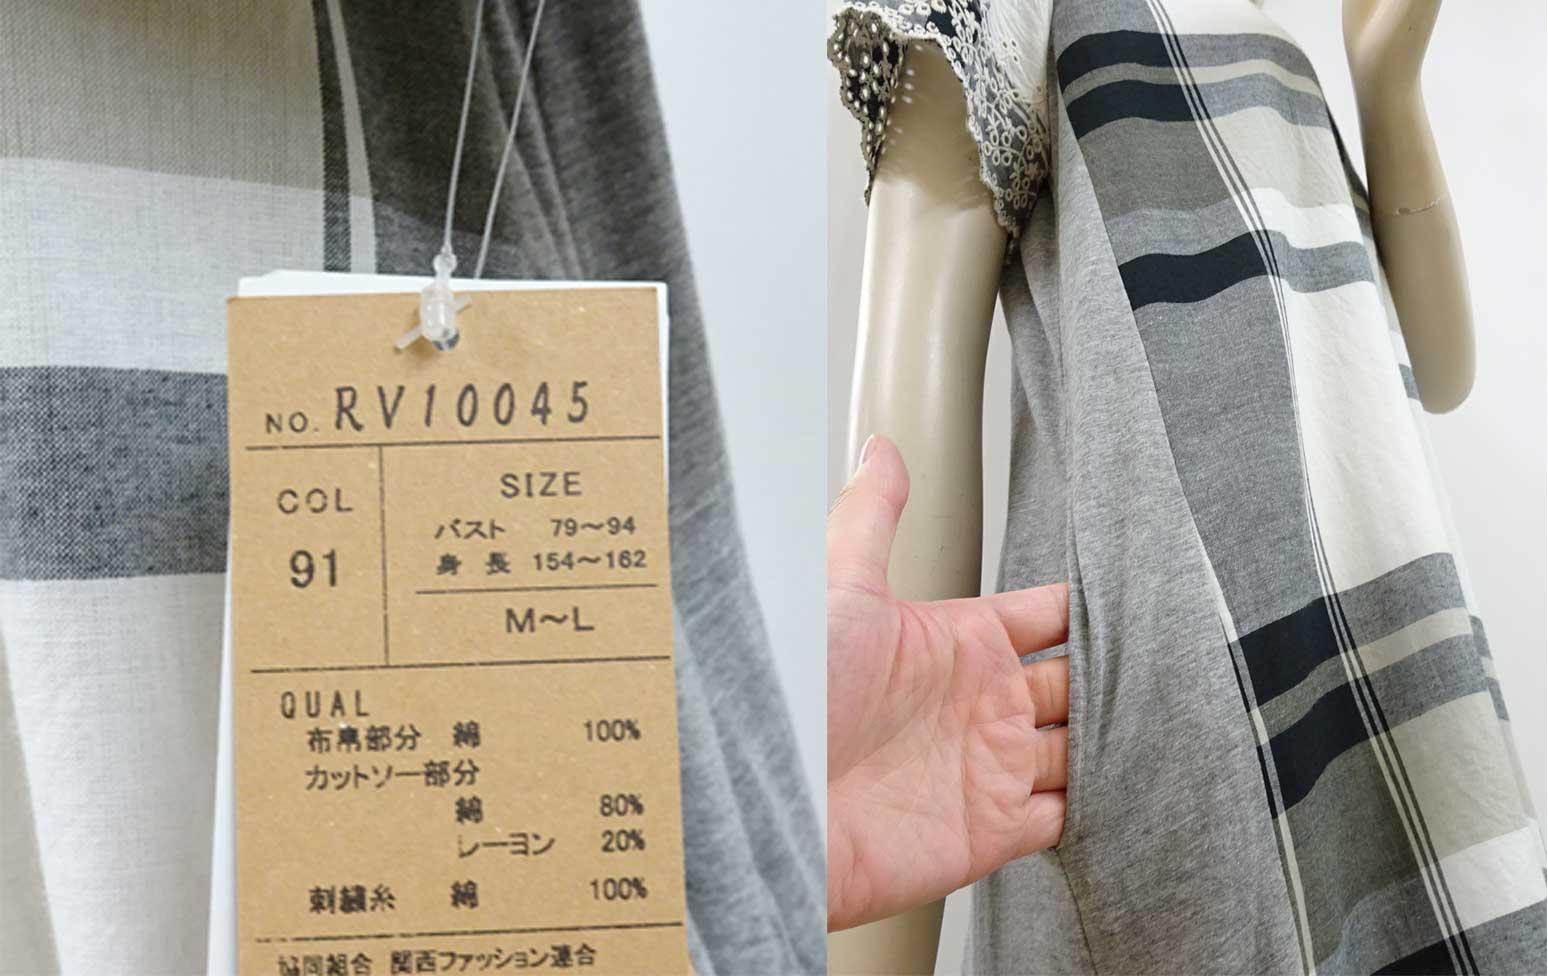 10045ワンピースチェックグレー袖スカラップ